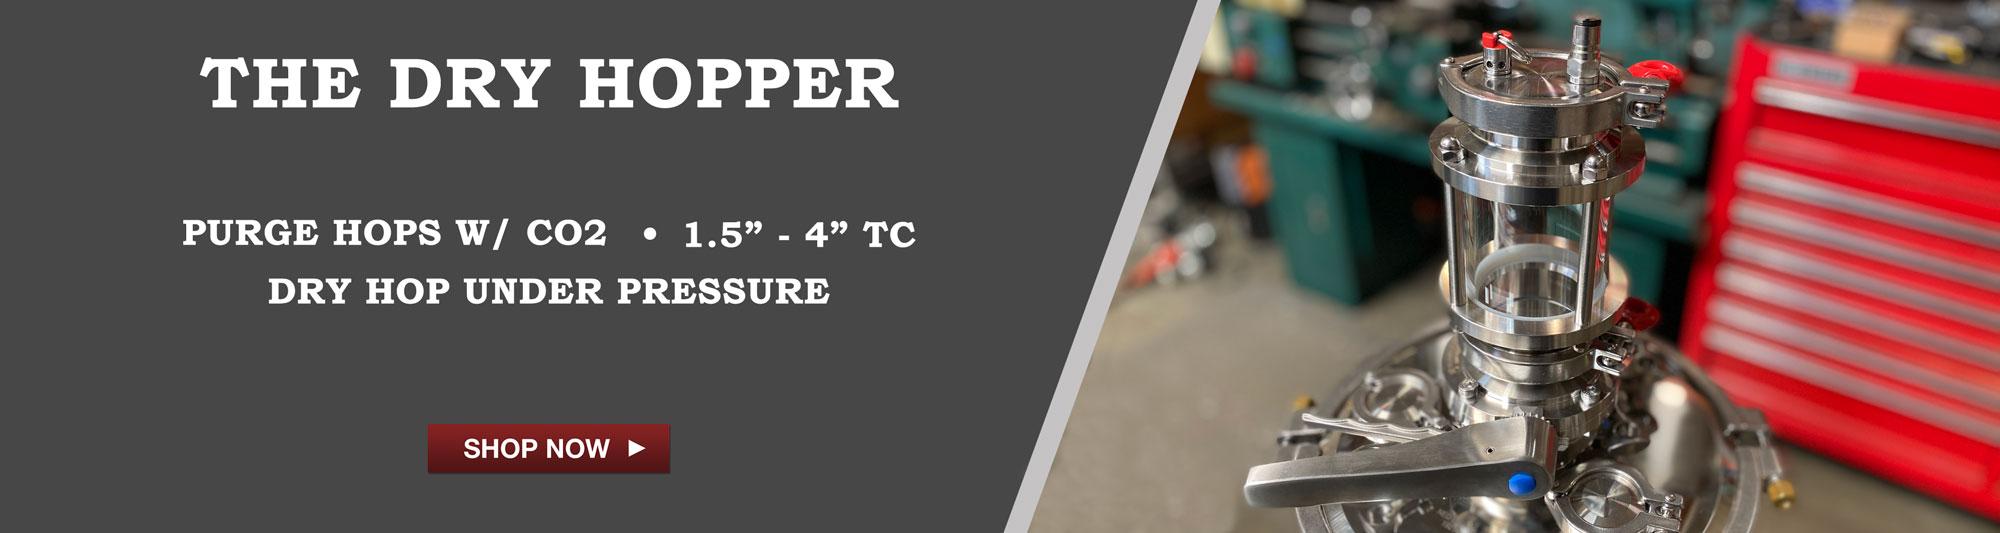 The Dry Hopper